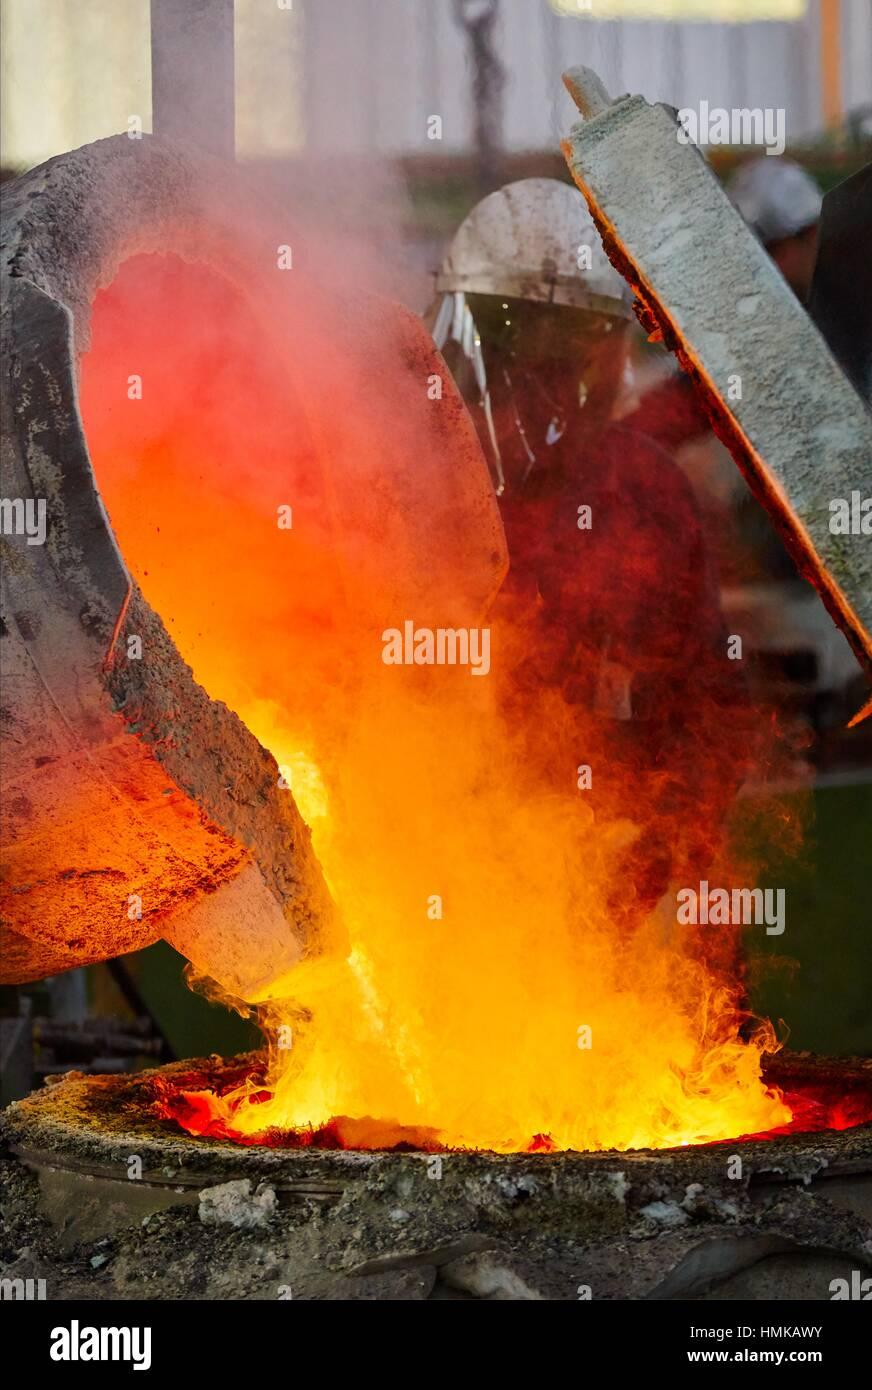 Gegossene Metall, Stahlgießerei, schmelzen, gießen. Navarra. Spanien Stockbild